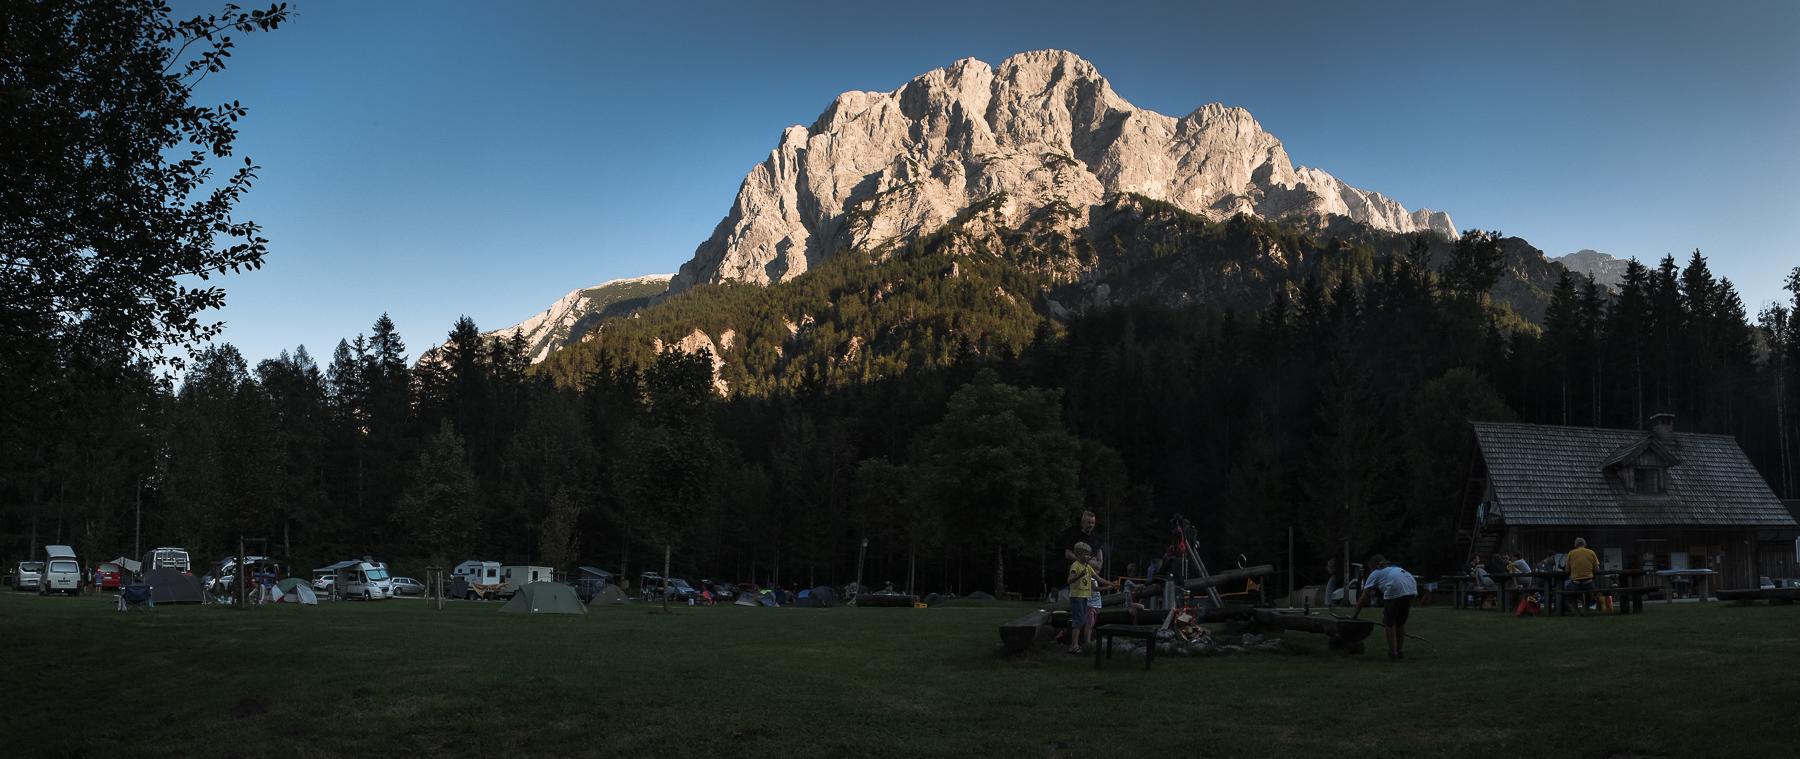 forstgarten campingplatz